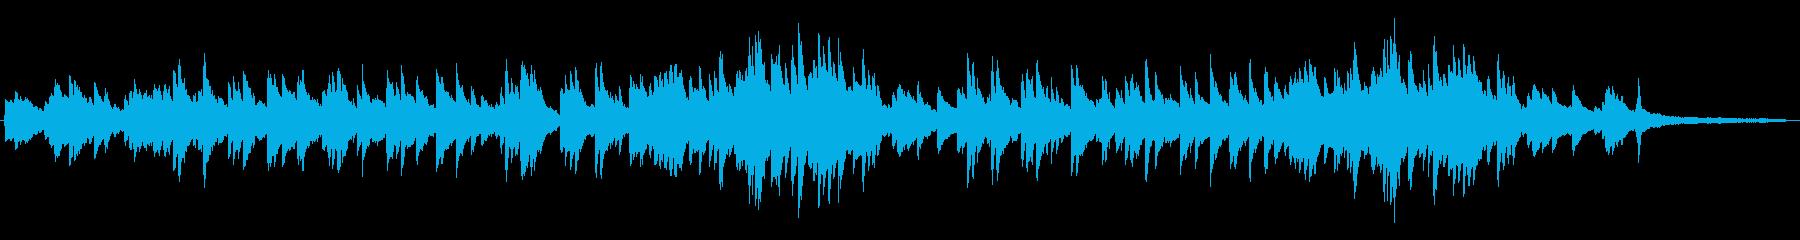 緊張感 重厚なピアノソロ 映像向けの再生済みの波形